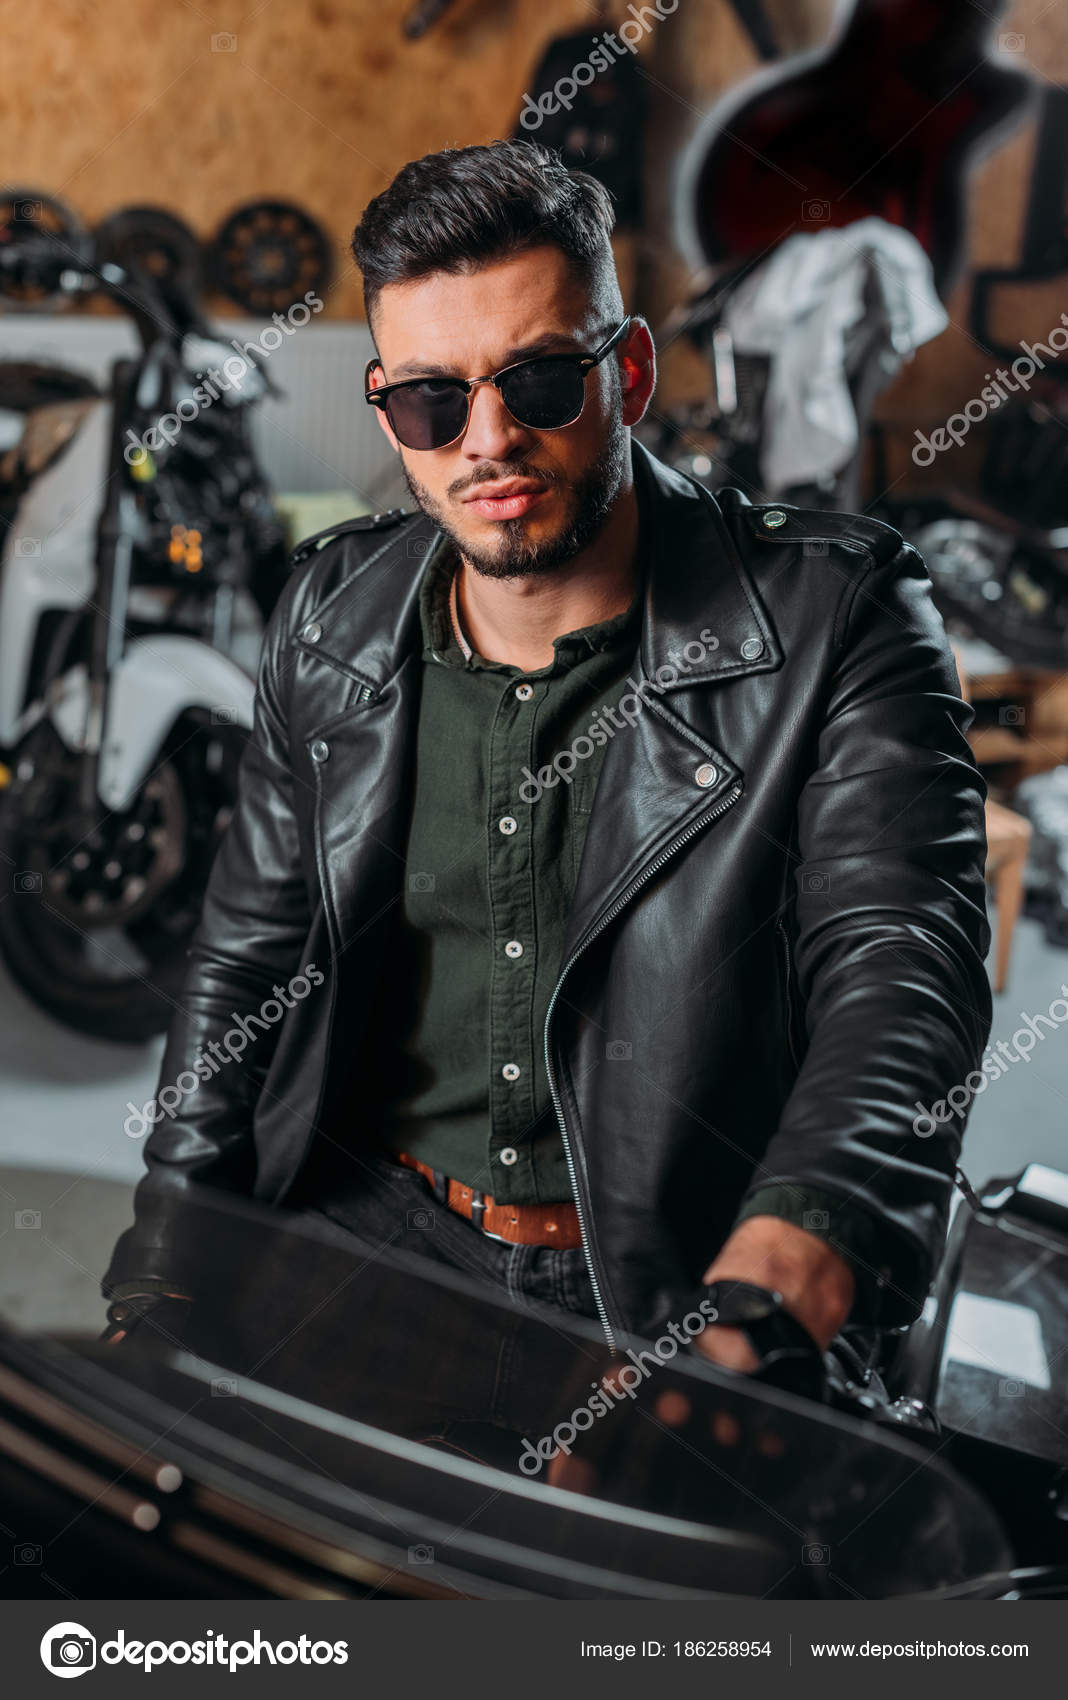 Size Of 2 Car Garage Handsome Rockabilly Man Sitting Bike Garage Stock Photo